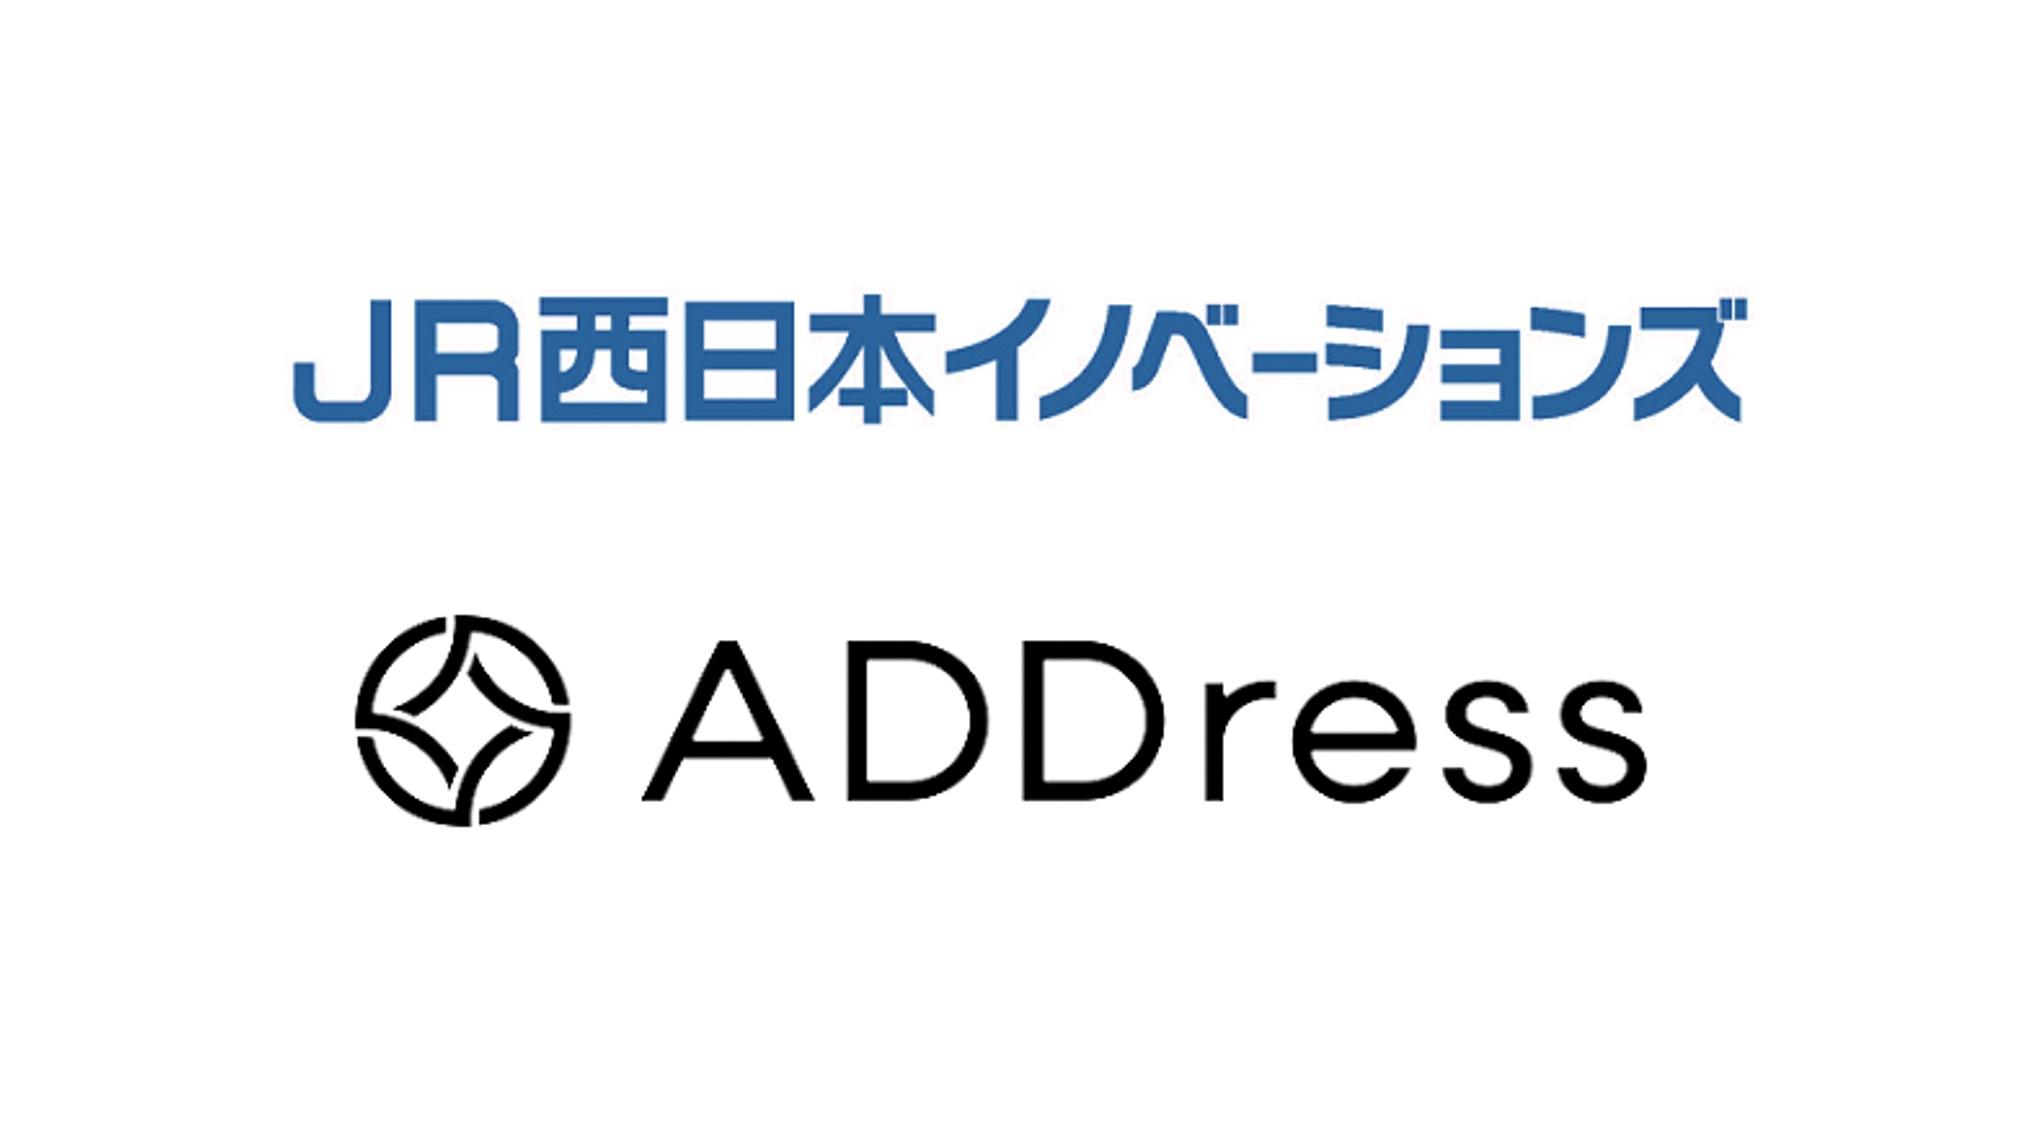 多拠点ライフプラットフォーム「ADDress」、JR西日本グループ会社等からの出資により西日本エリアの関係人口拡大へ